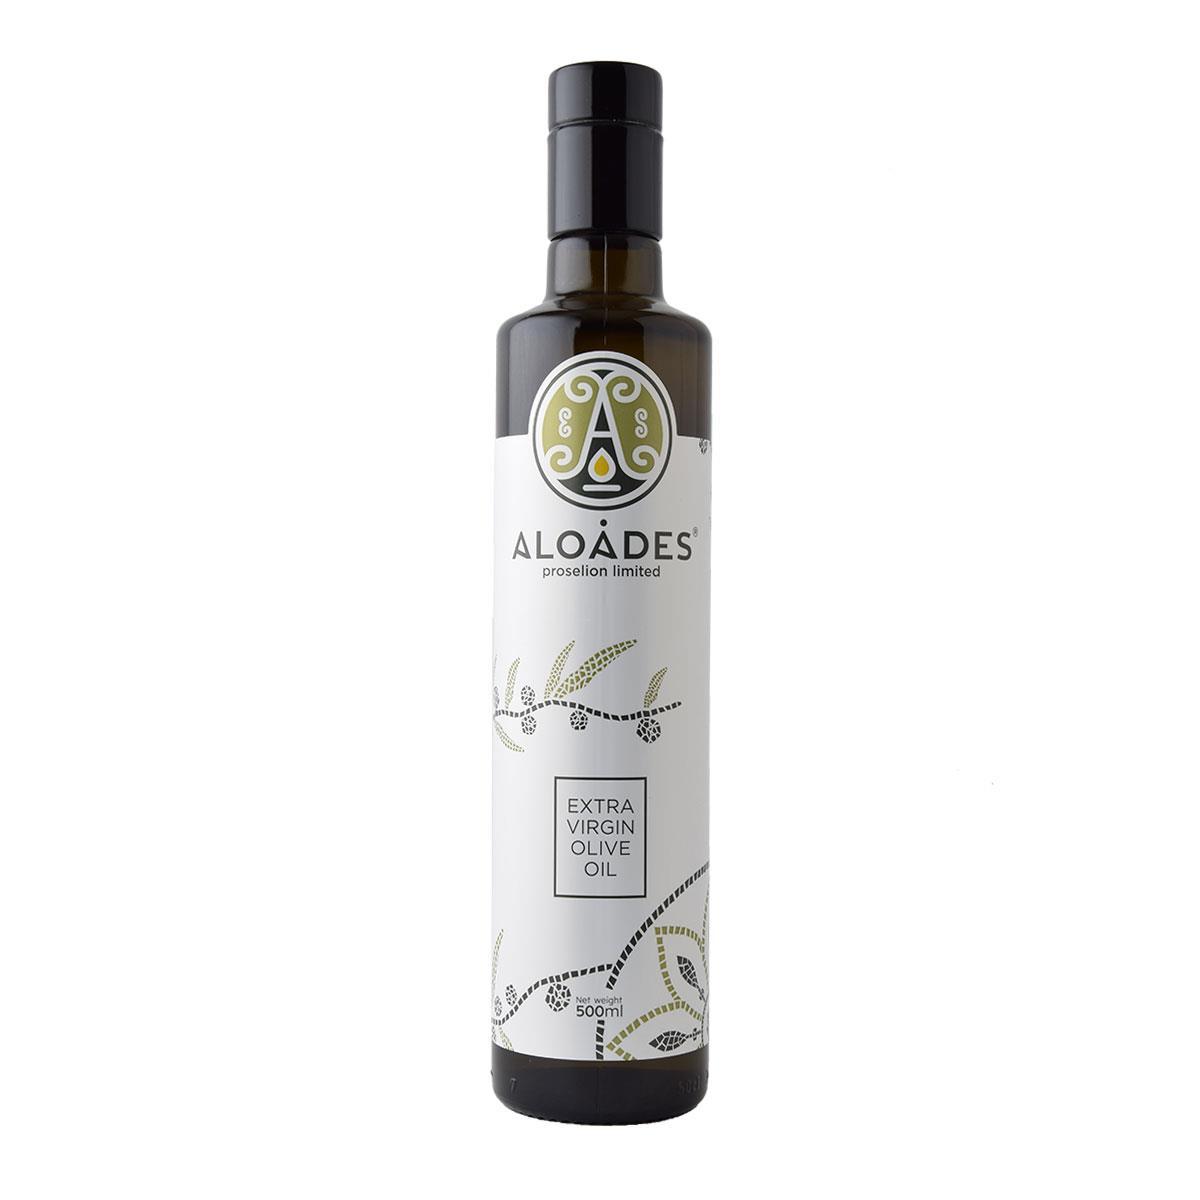 Aloades proselion limited ελαιόλαδο 500ml